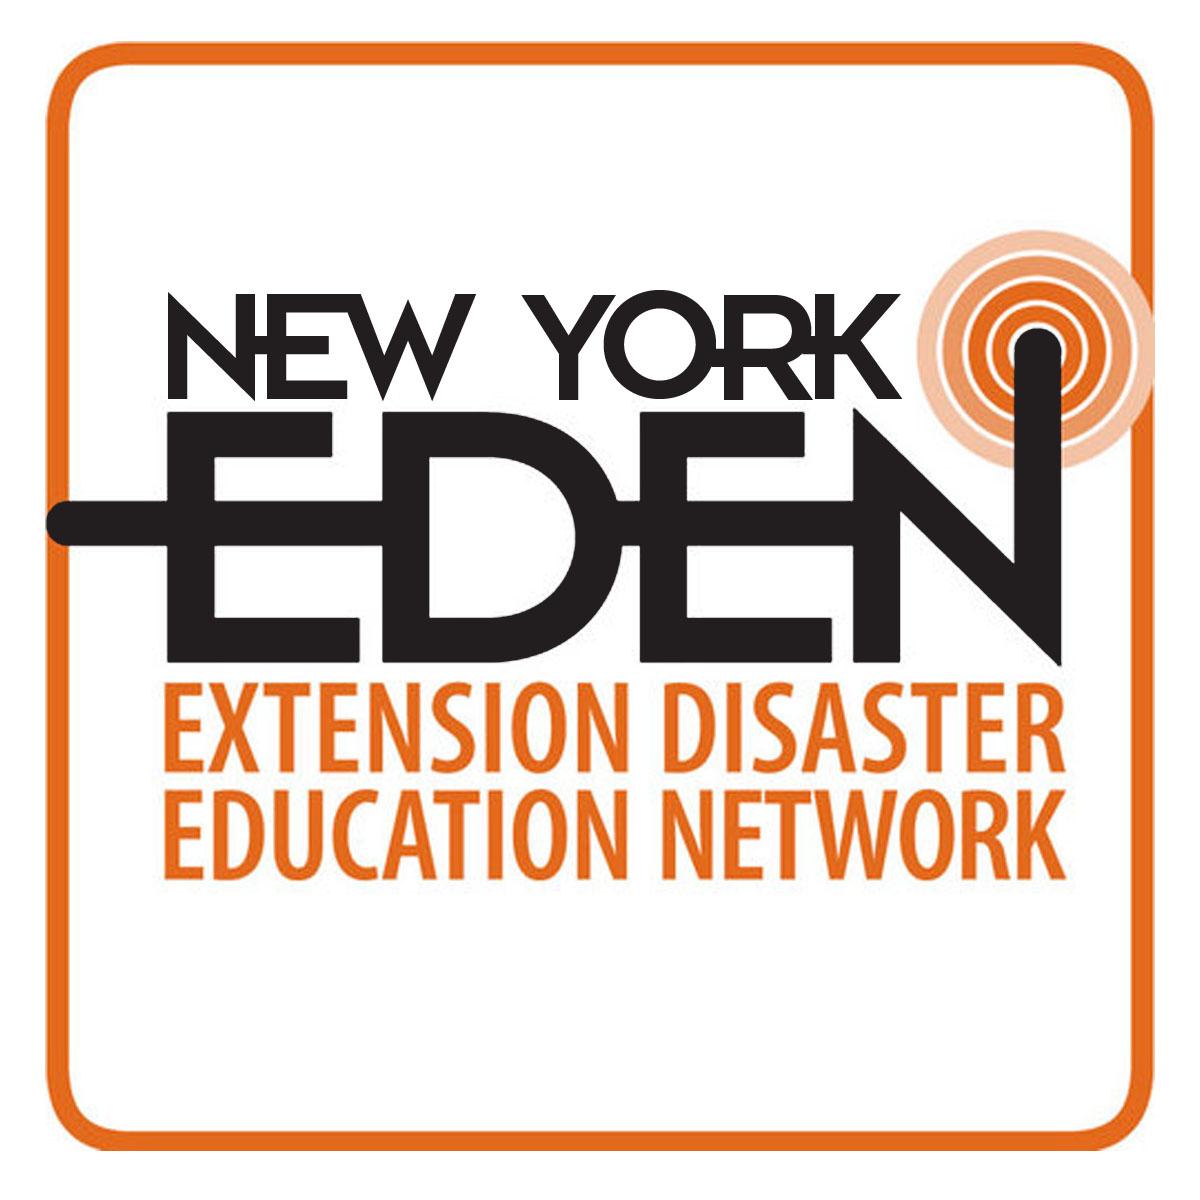 New York EDEN (Extension Disaster Education Network) logo